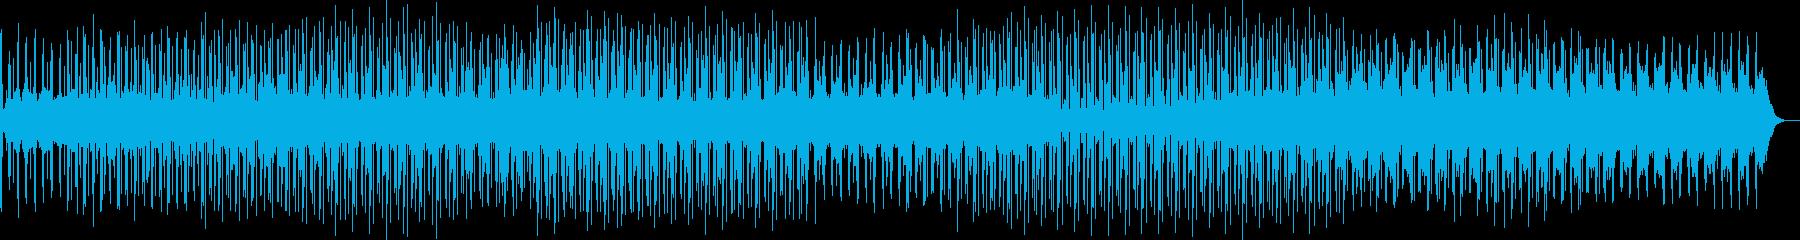 潜水していくようなアンビエントテクノの再生済みの波形